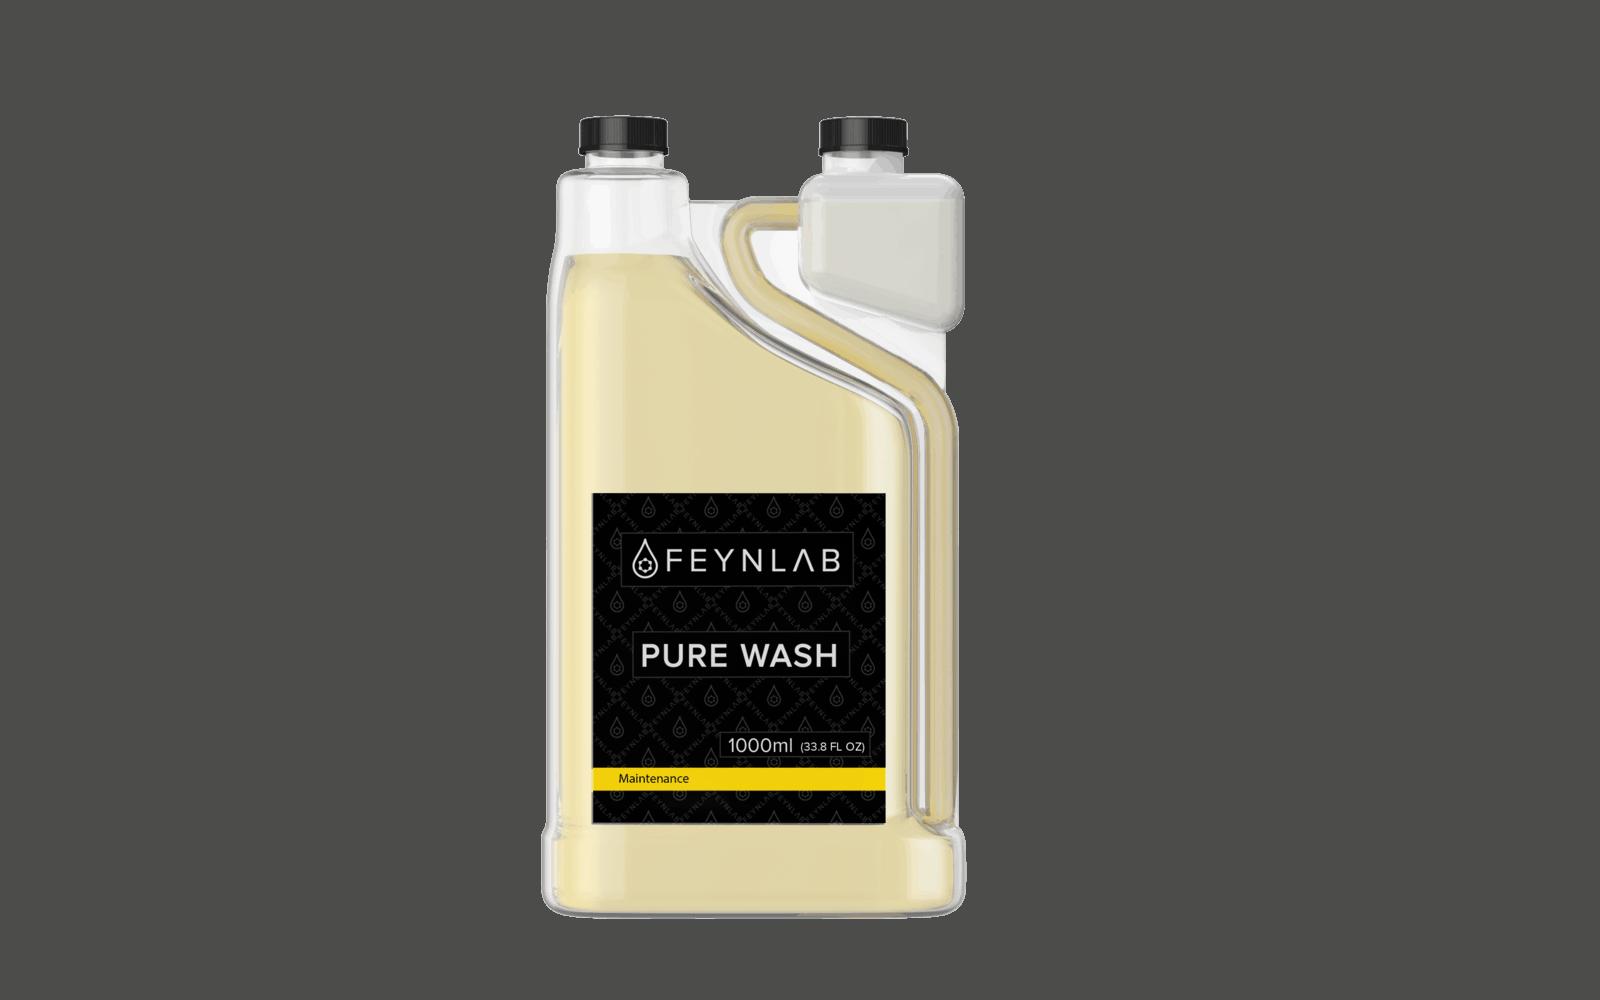 FEYNLAB® PURE WASH